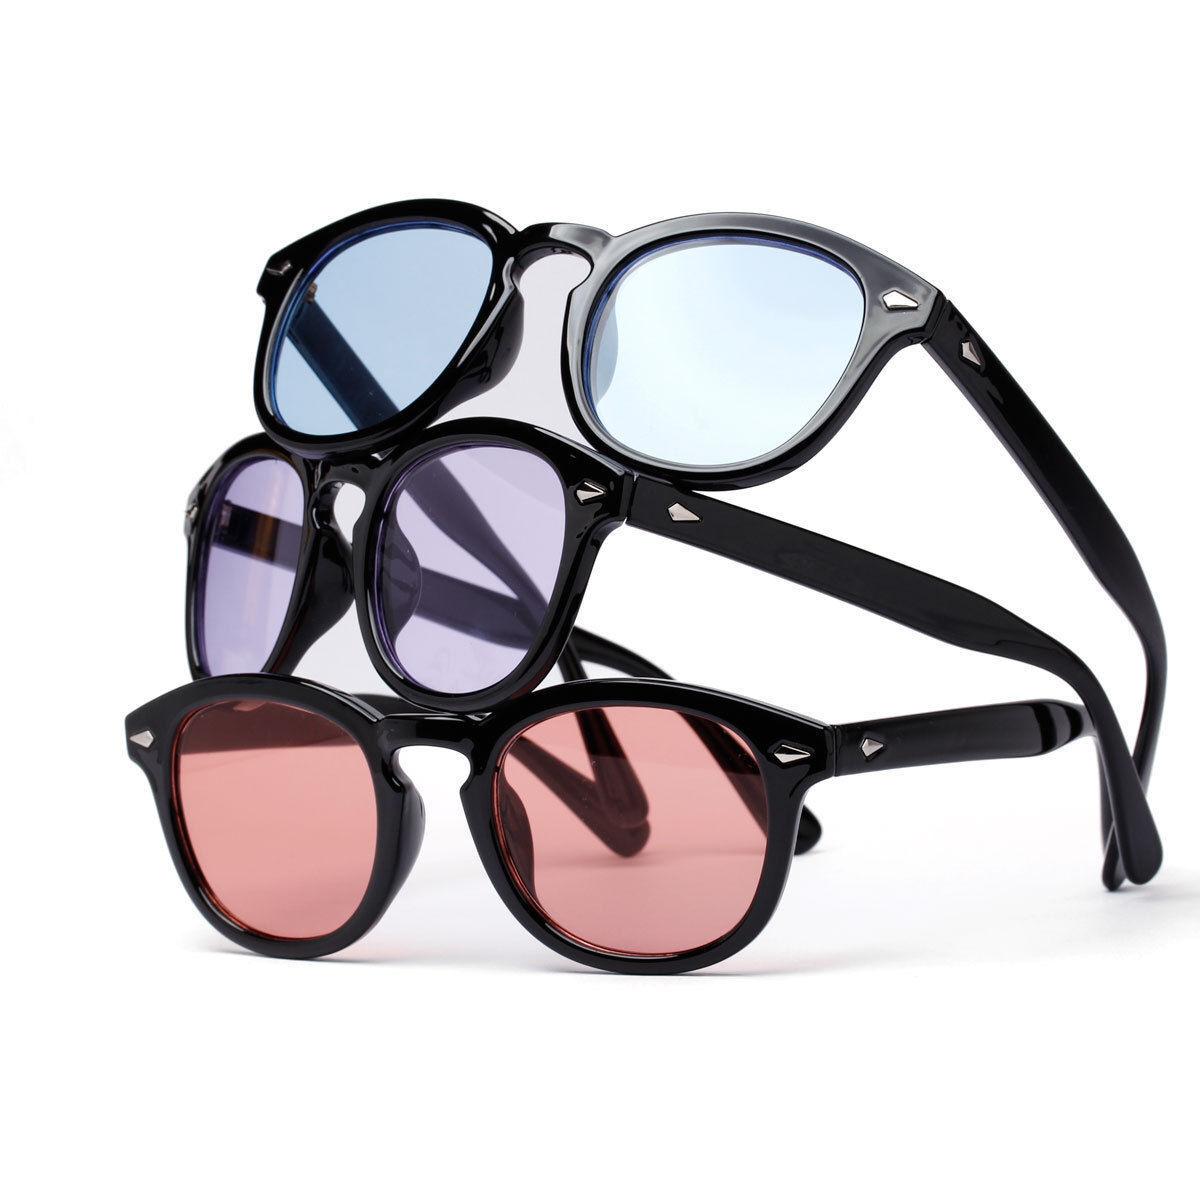 31c633b39b Colored Tinted Fashion Eyeglasses Frame Vintage Retro Clear Lens ...